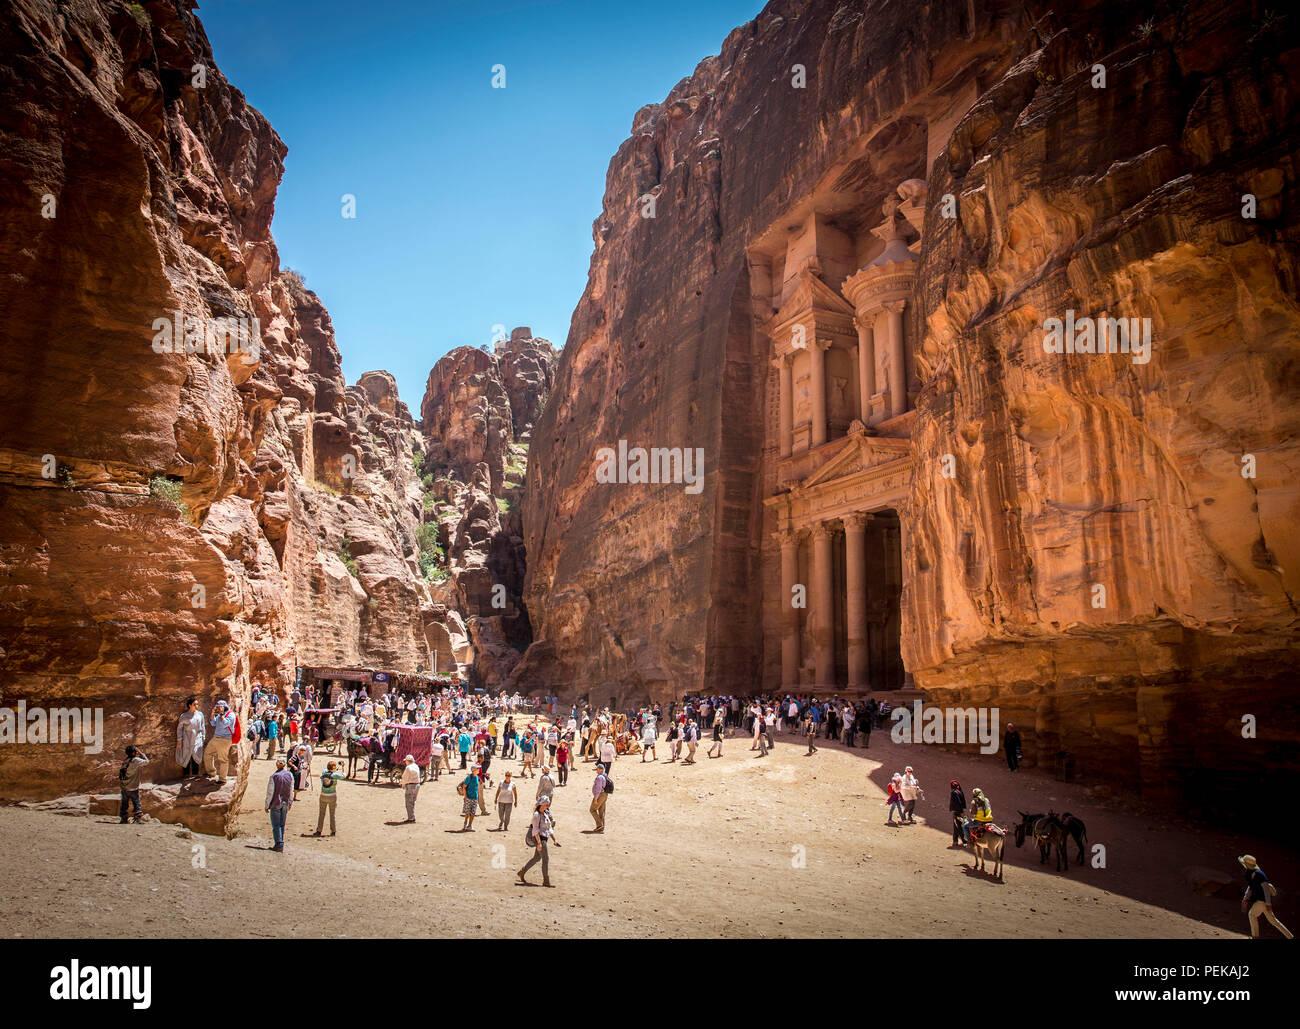 El edificio del tesoro encontrado en la ciudad perdida de Petra, Jordania Imagen De Stock